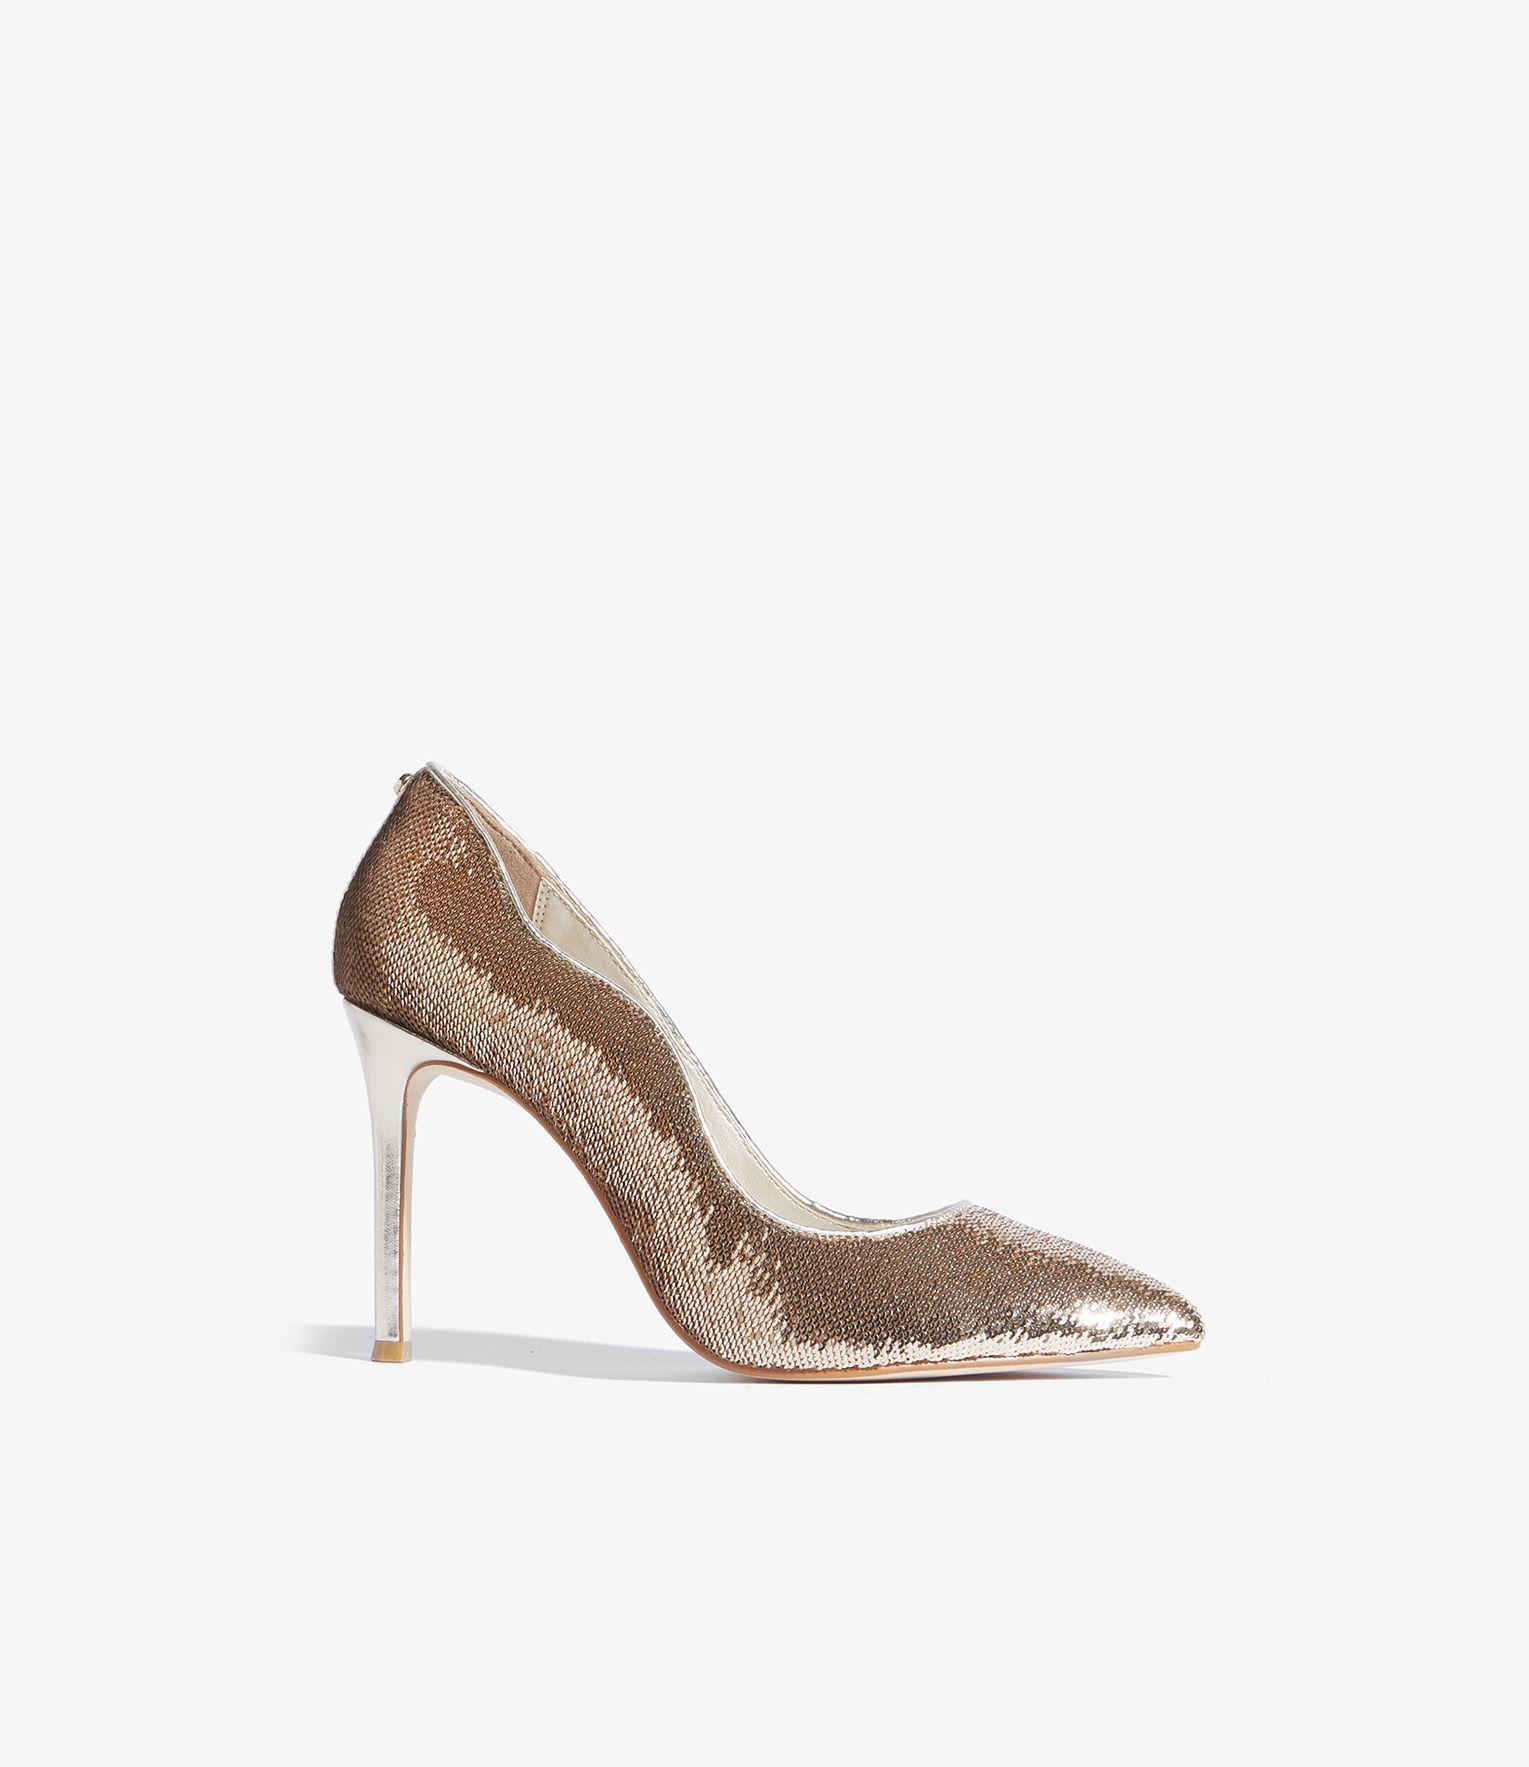 b4ed2cb9b4b0 Karen Millen Sequined Court Shoes in Metallic - Lyst